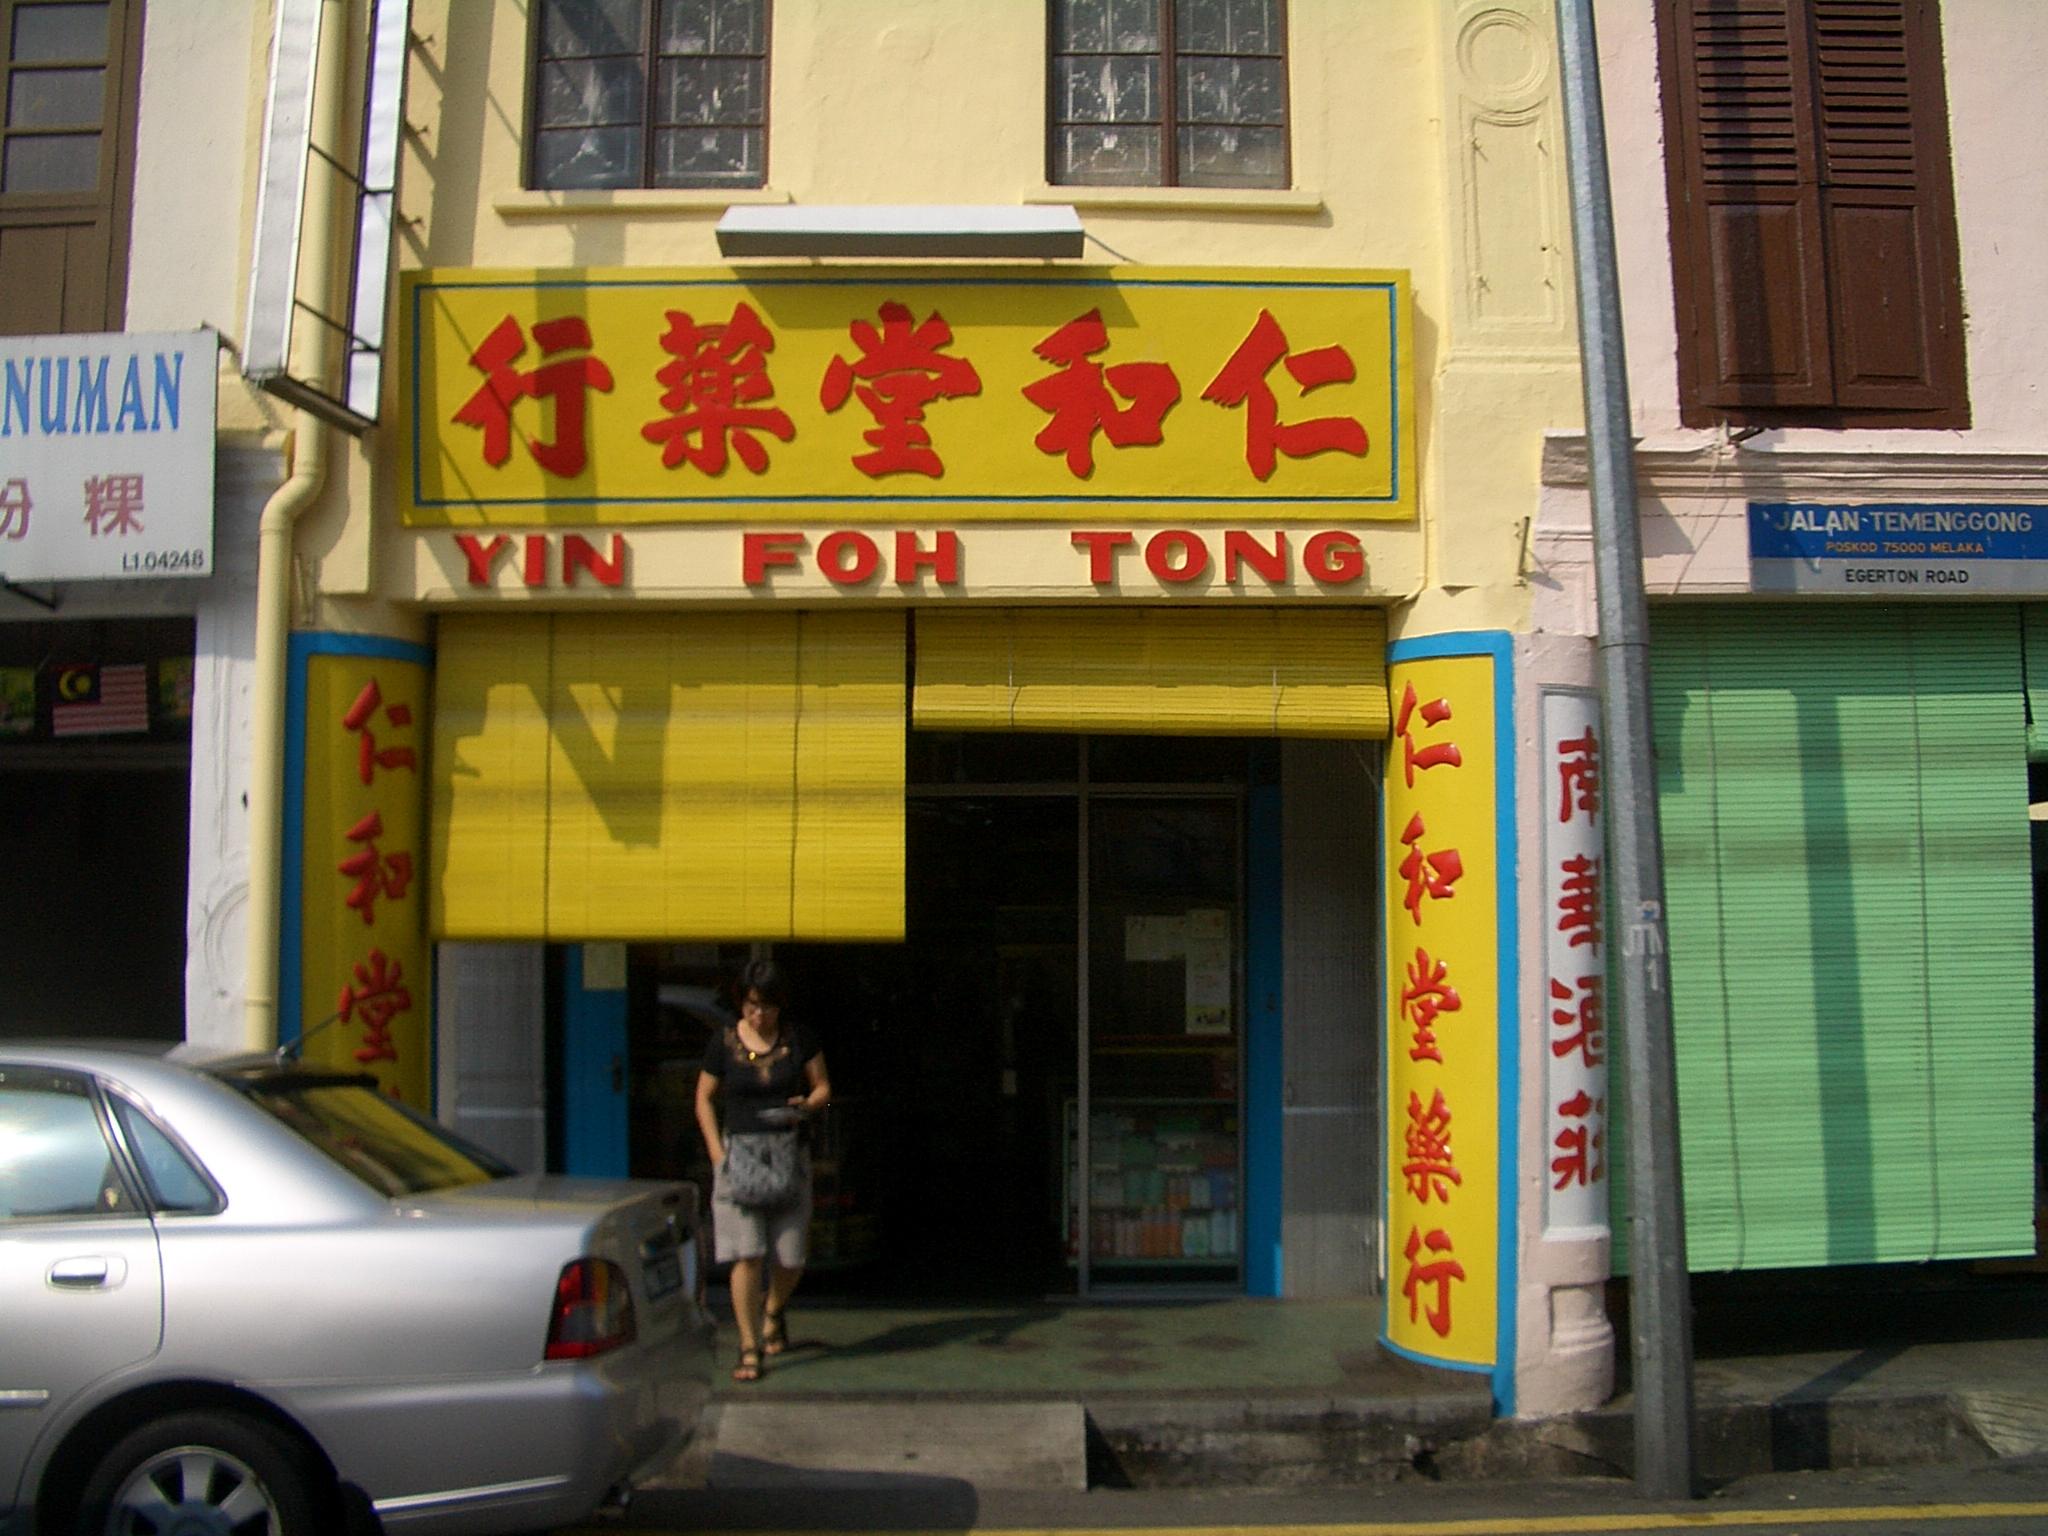 File:Melaka-Yin-Foh-Tong-Pharmacy-2389.jpg